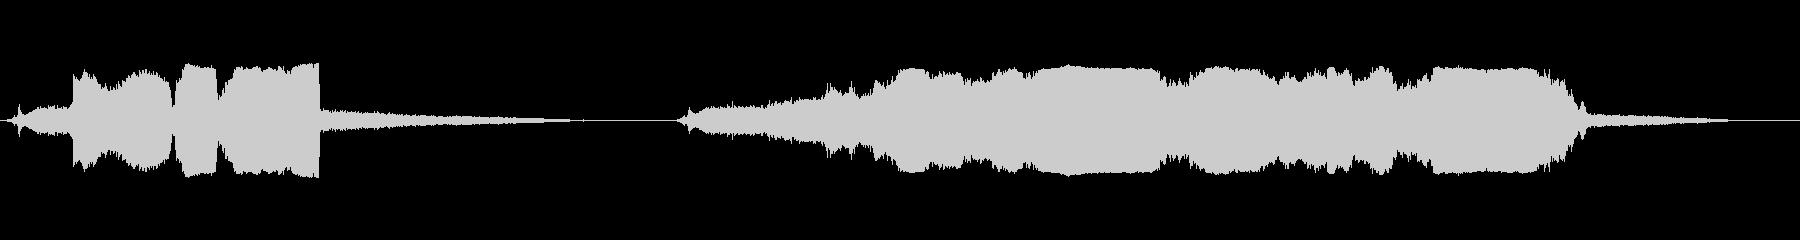 カッター、オーバーハンド、マシン、...の未再生の波形